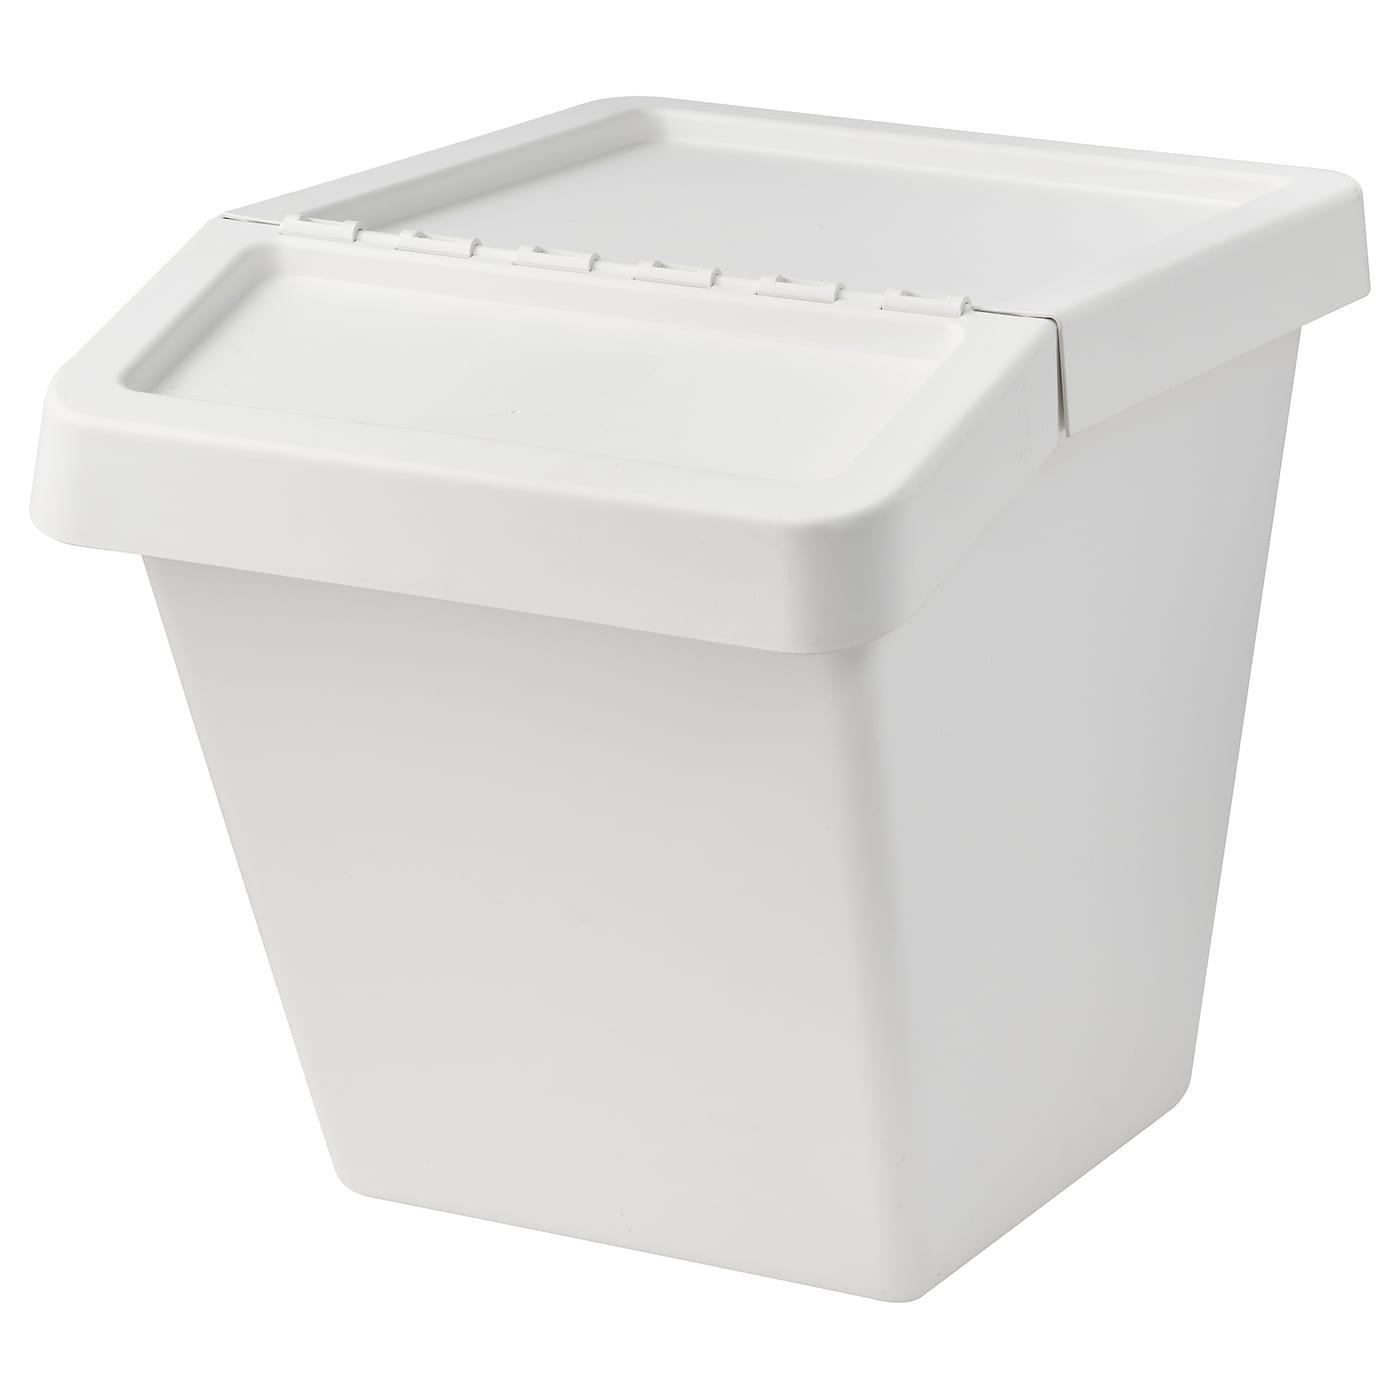 SORTERA Abfalleimer mit Deckel weiß 60 l